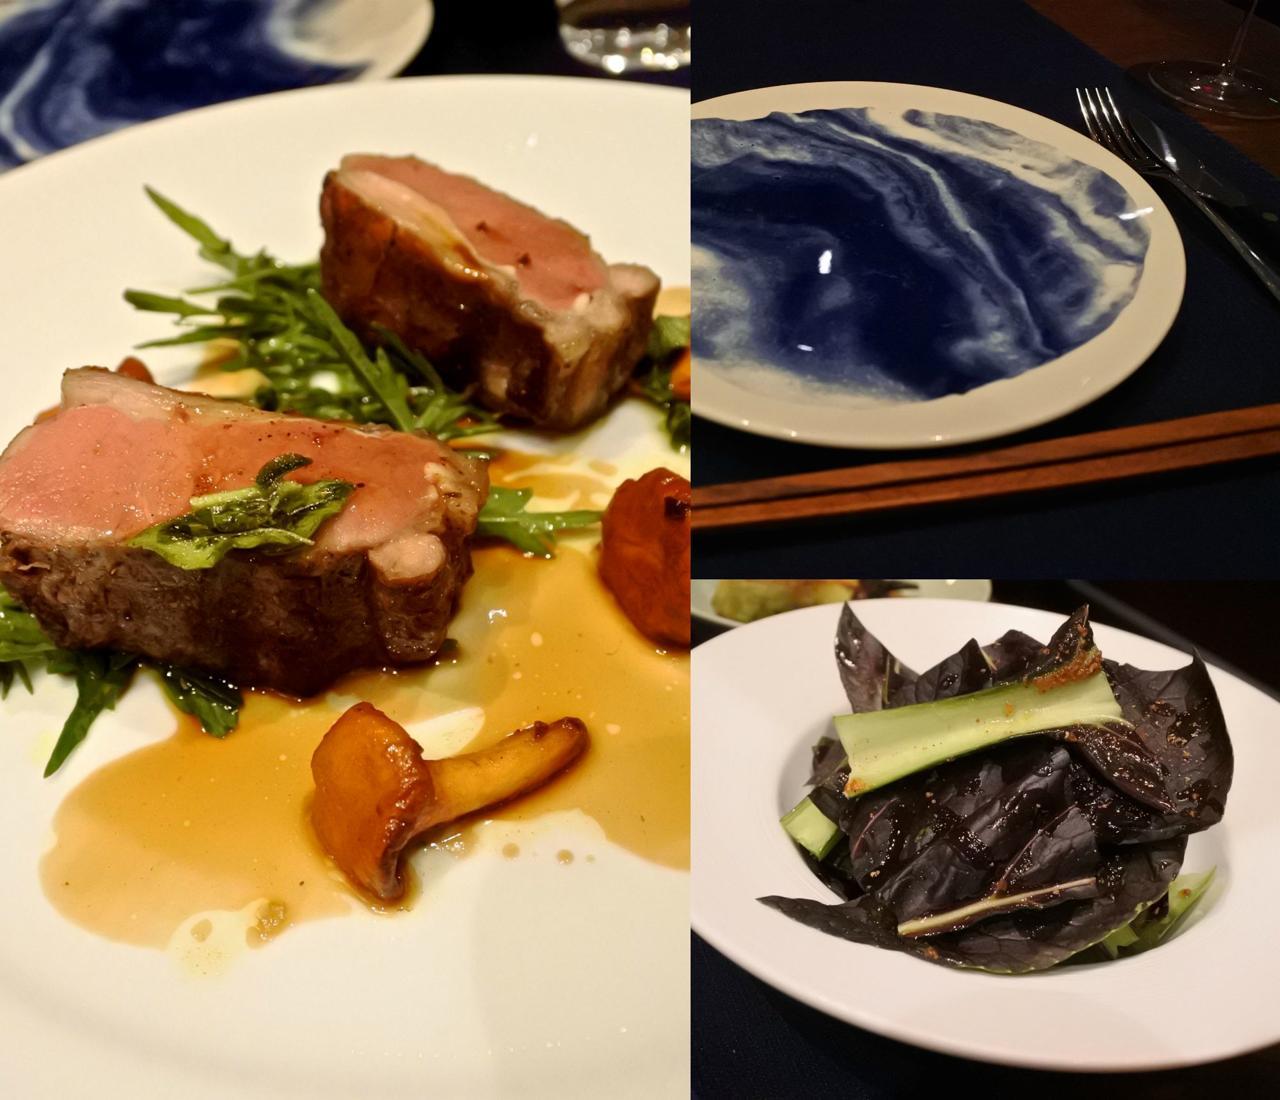 ラム肉は飽きがこない美味しさ☆ 取り皿にグッと来た!